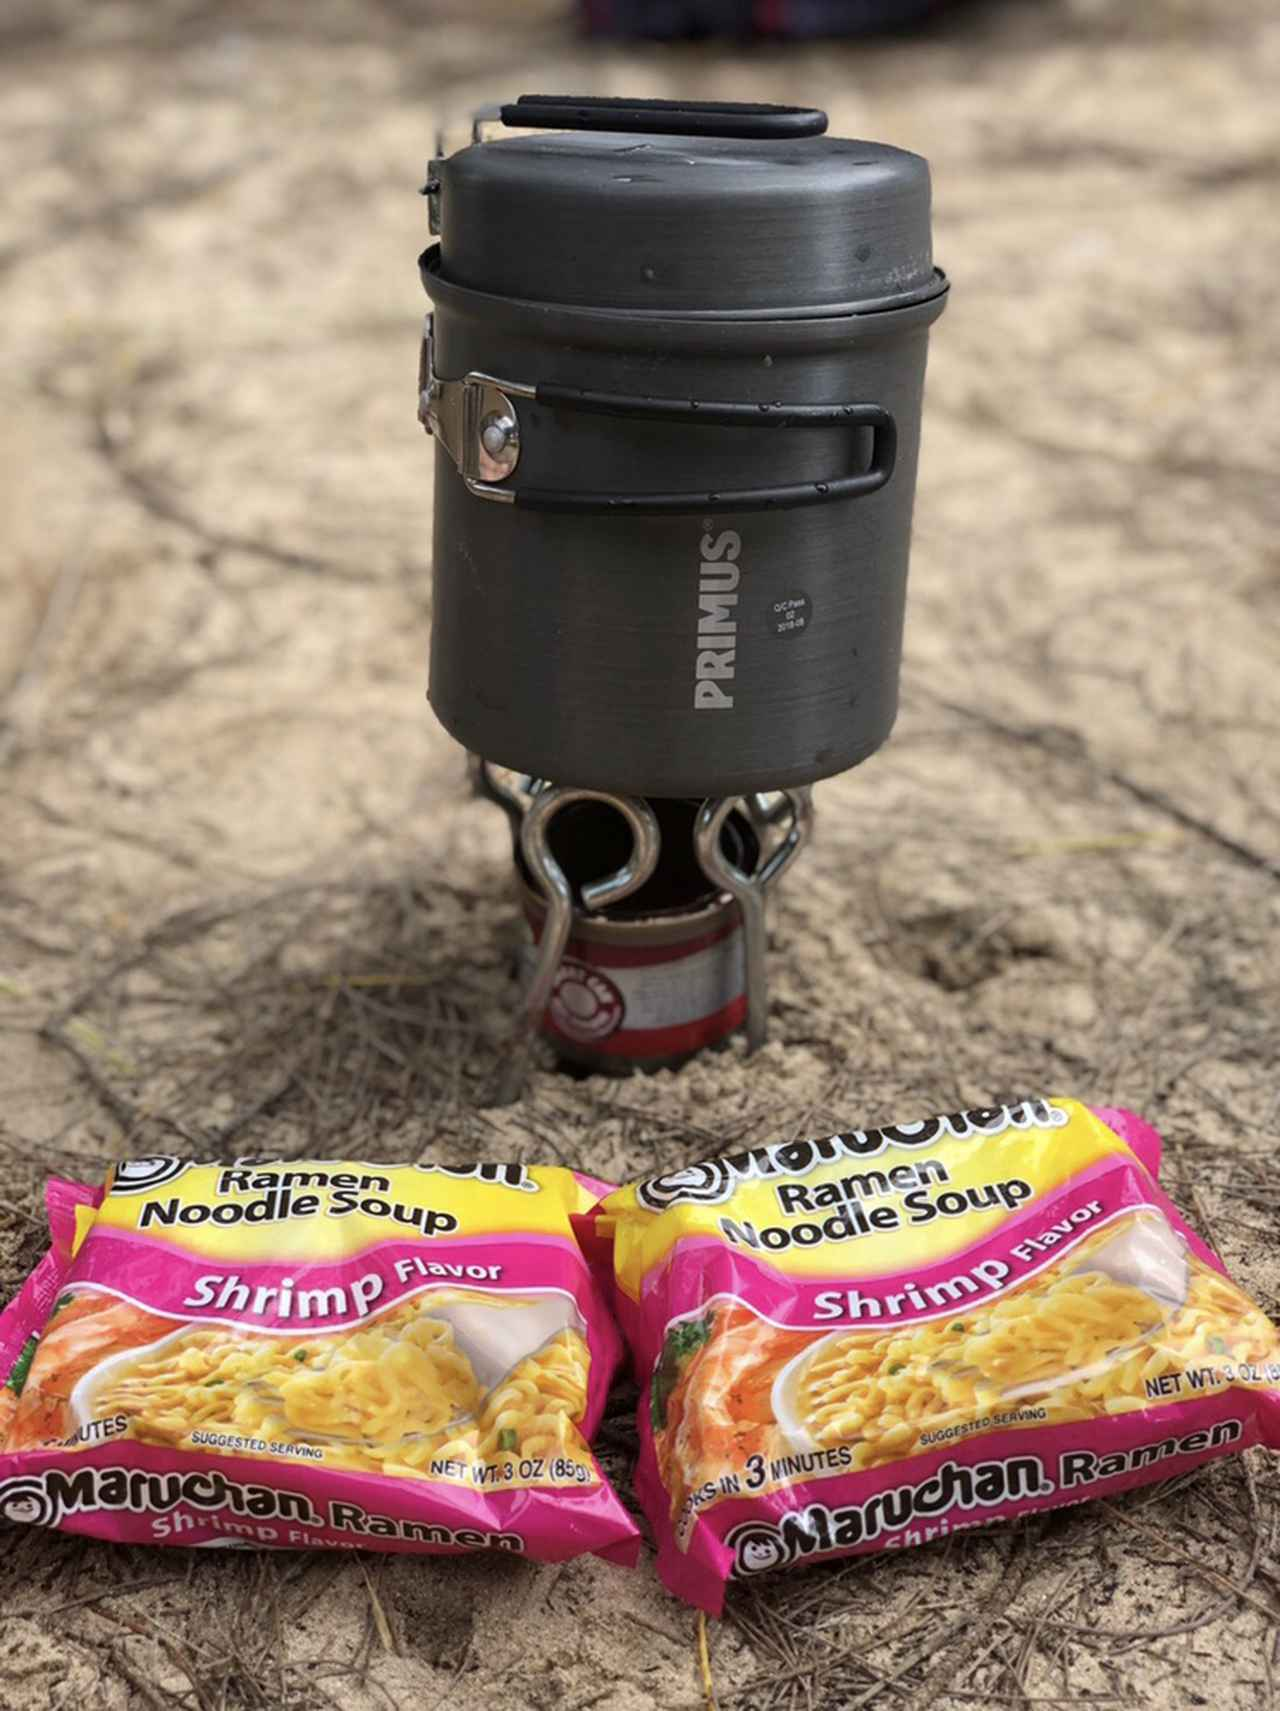 画像: 筆者撮影(オアフ島でOD缶の入手ができず、ペグと固形燃料でなんとかしのぐ!)